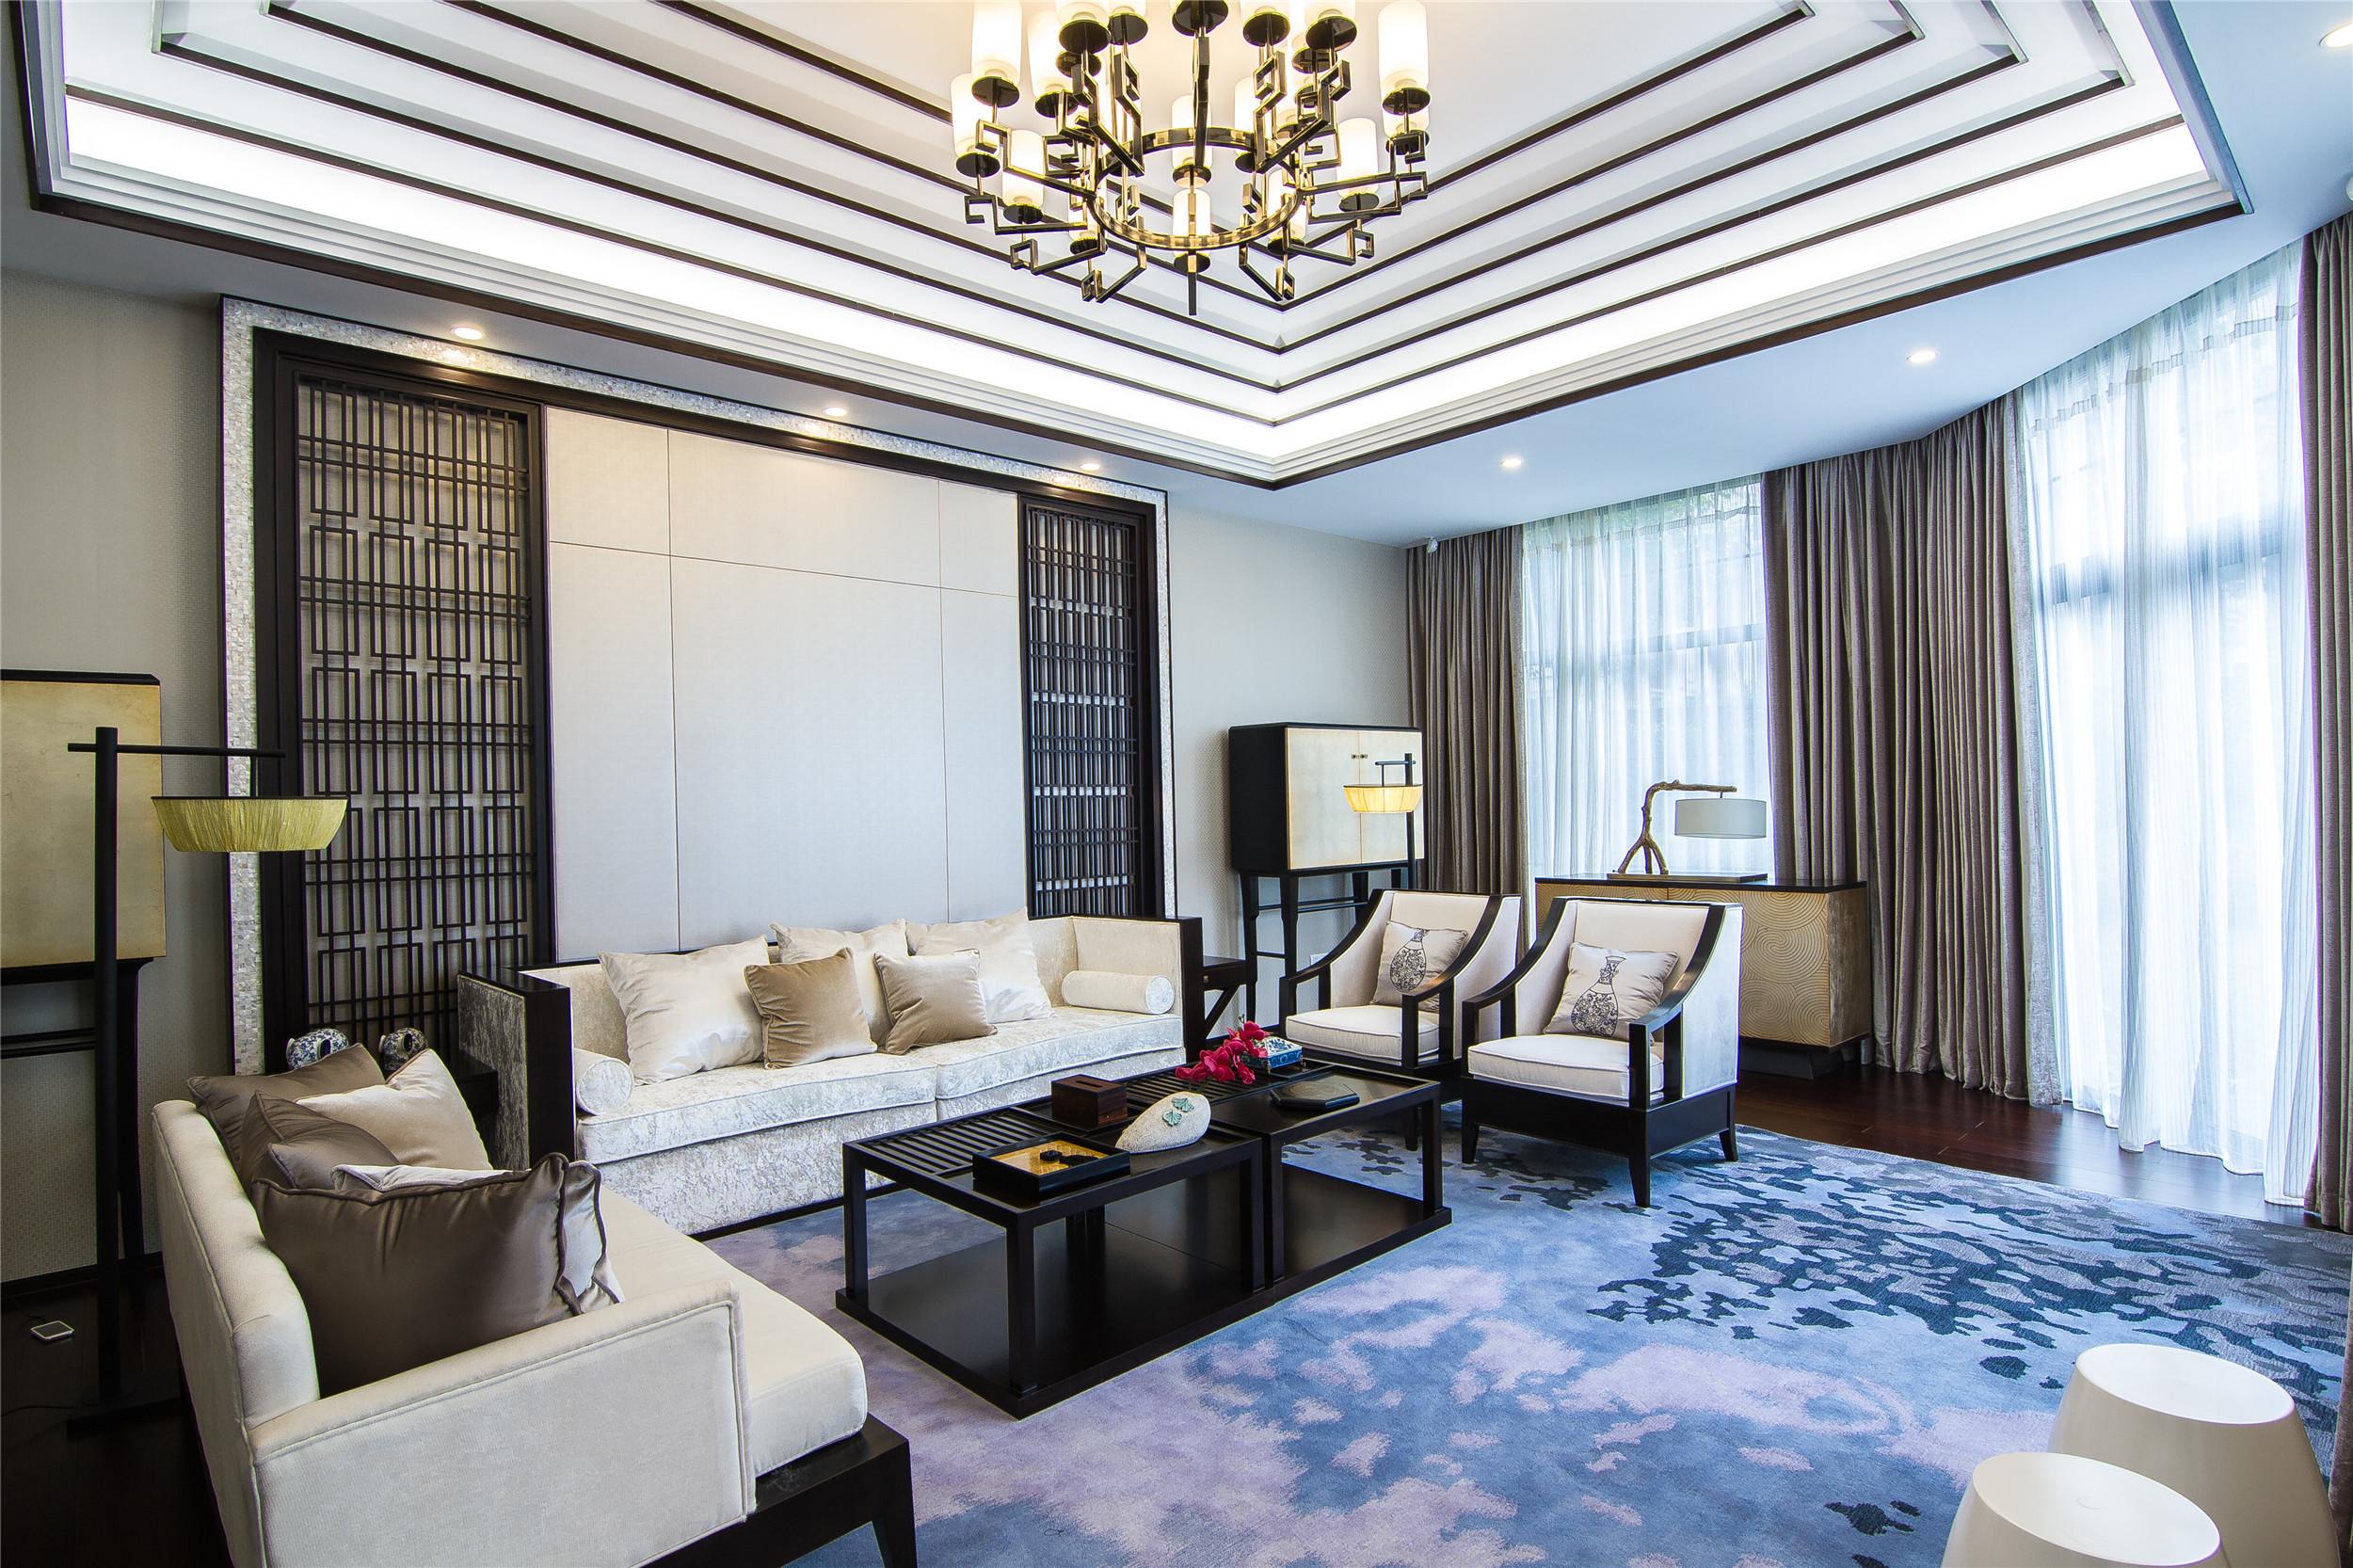 中式别墅样板房装修客厅效果图